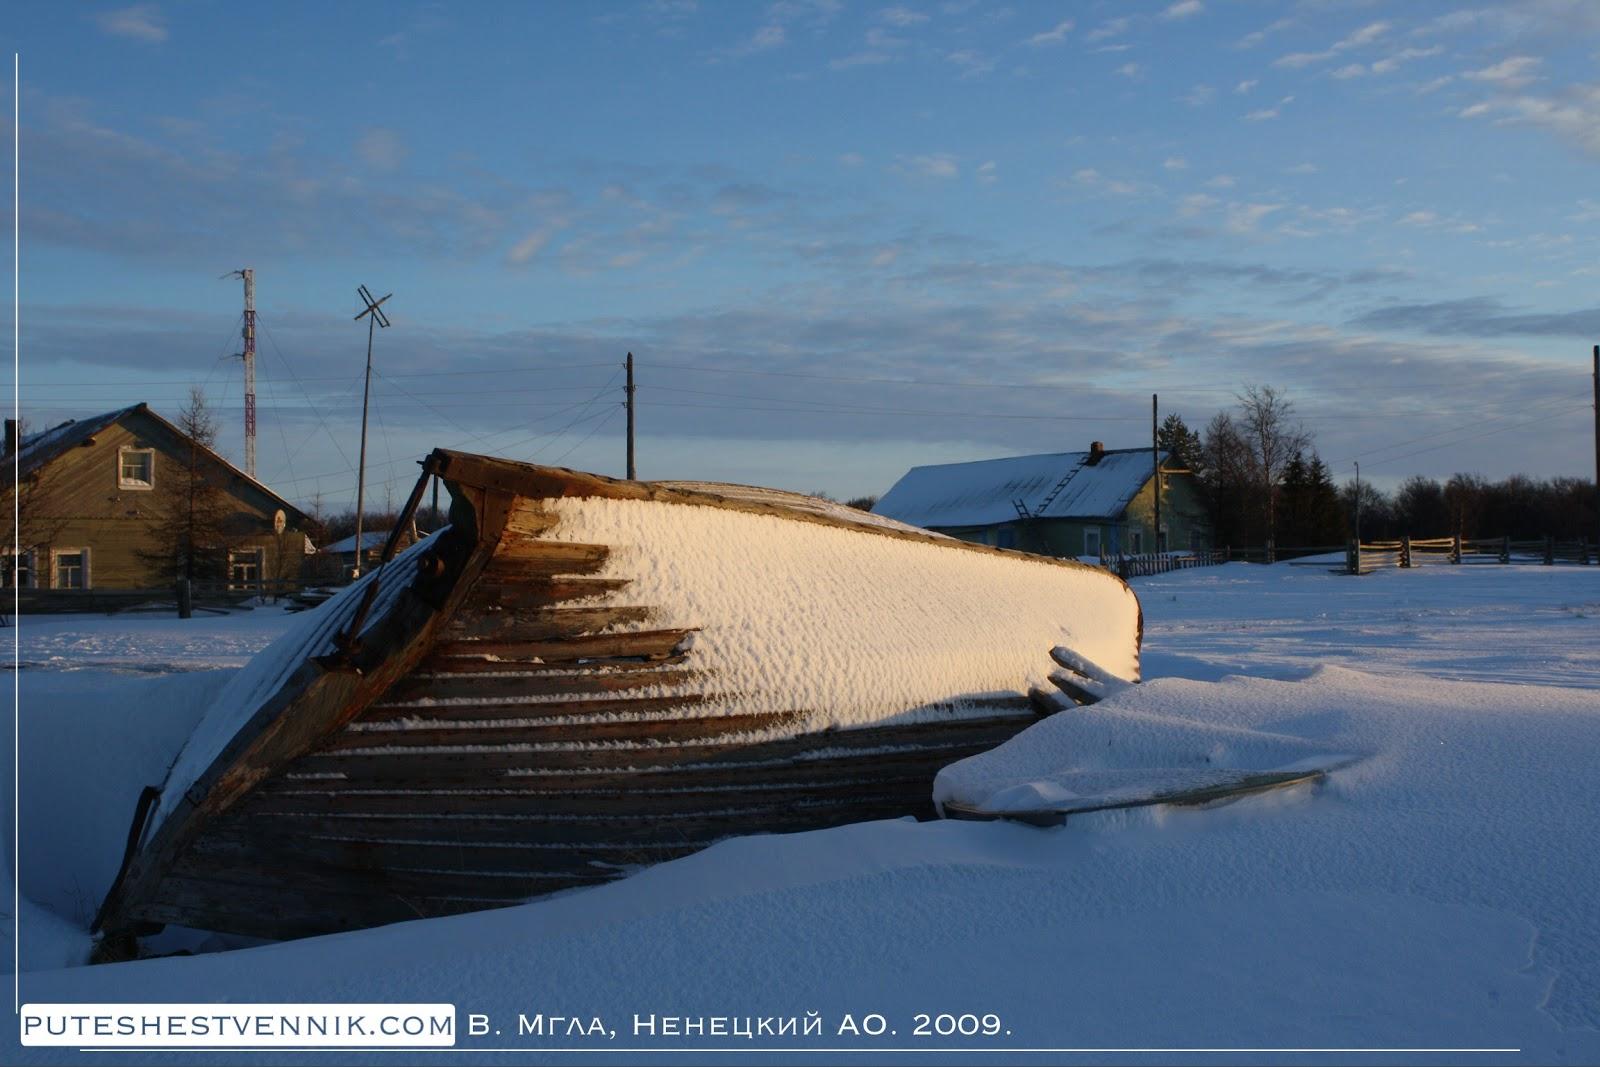 Лодка в зимней русской деревне